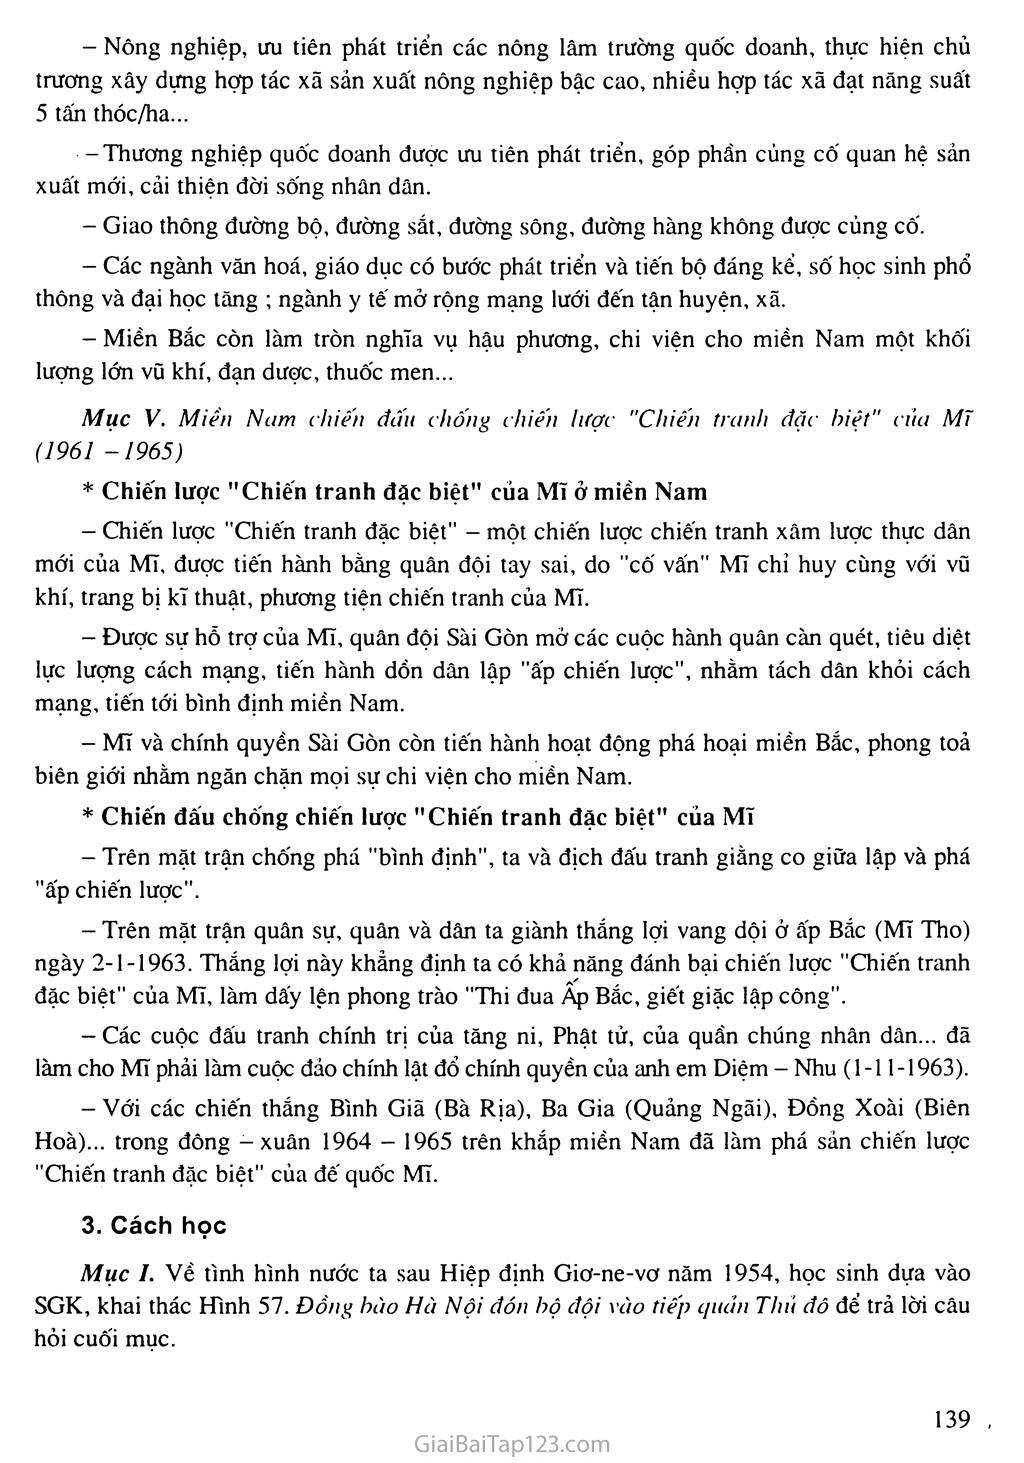 Bài 28: Xây dựng chủ nghĩa xã hội ở miền Bắc, đấu tranh chống đế quốc Mĩ và chính quyền Sài Gòn ở miền Nam (1954 - 1965) trang 4